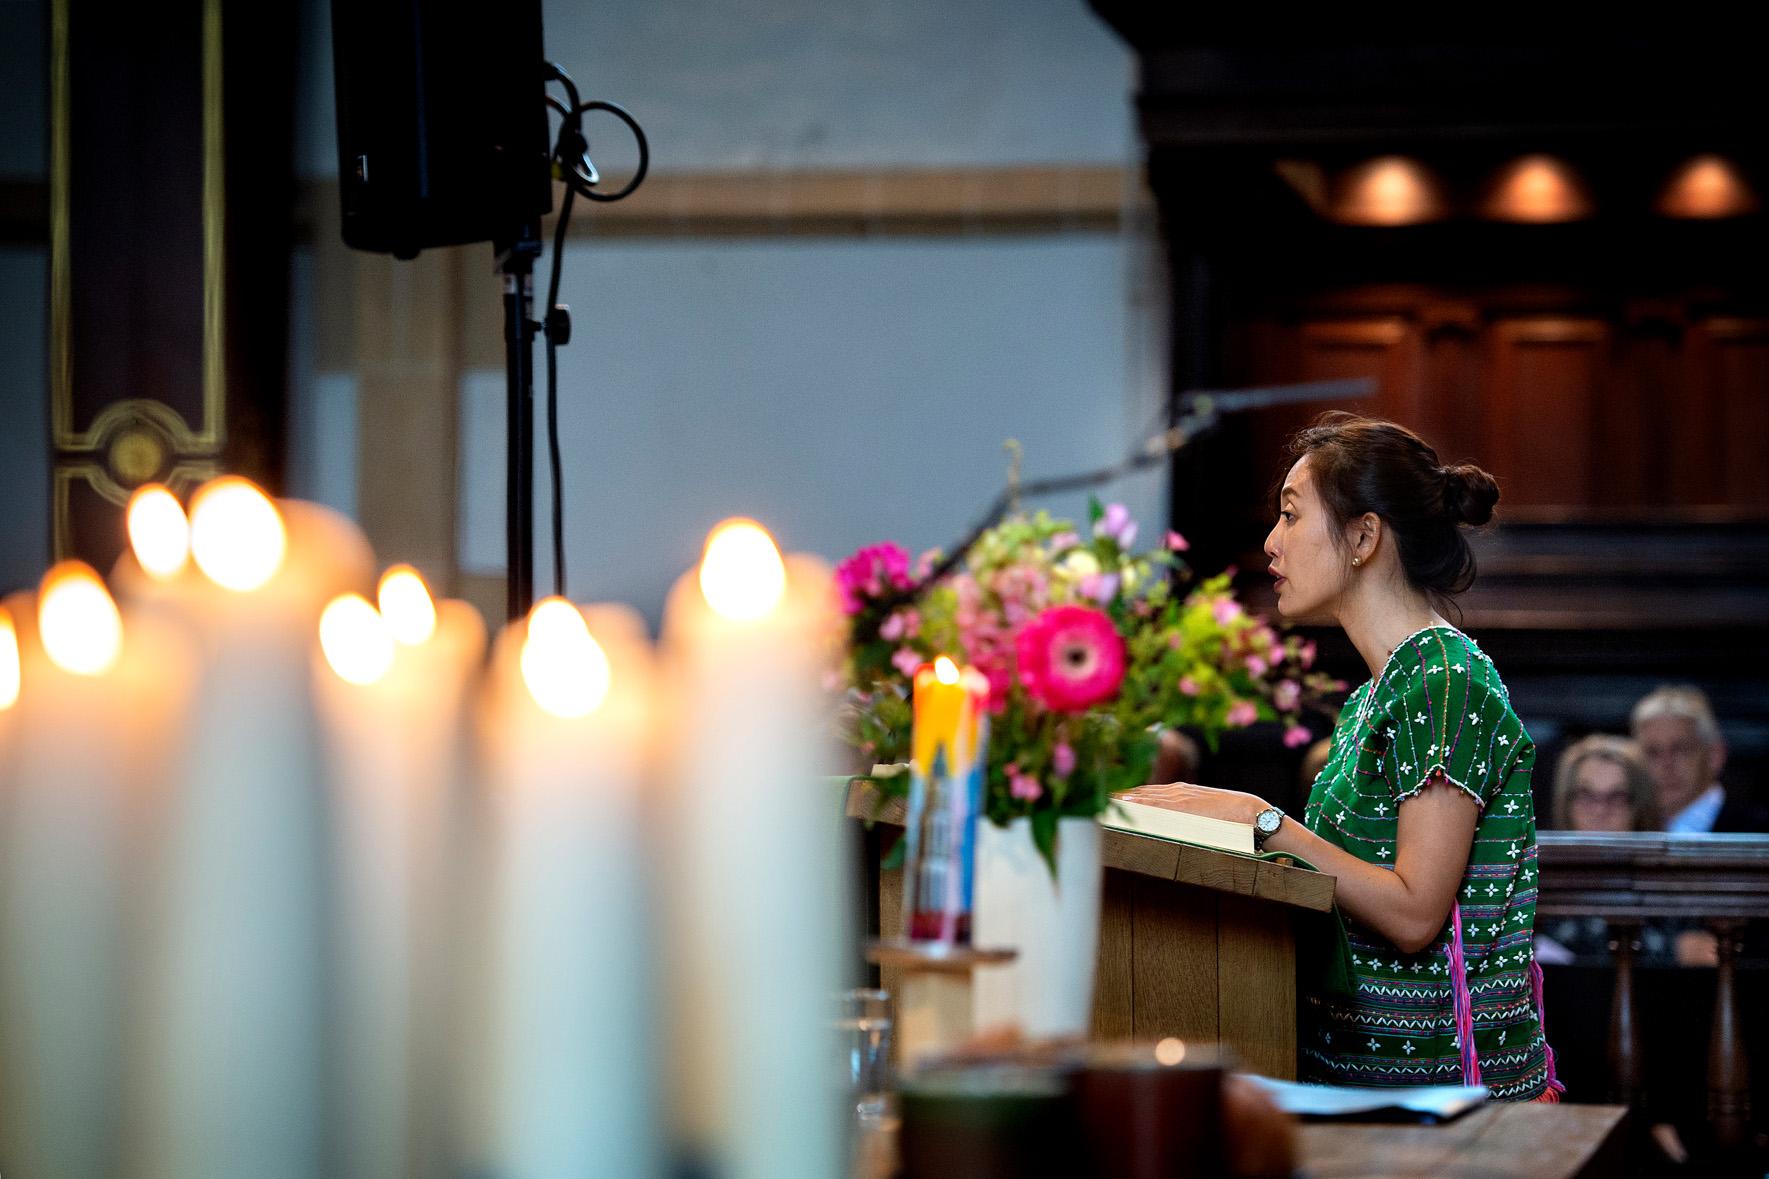 Winsome gaat voor in gebed in Martinikerk - 24 juni 2018